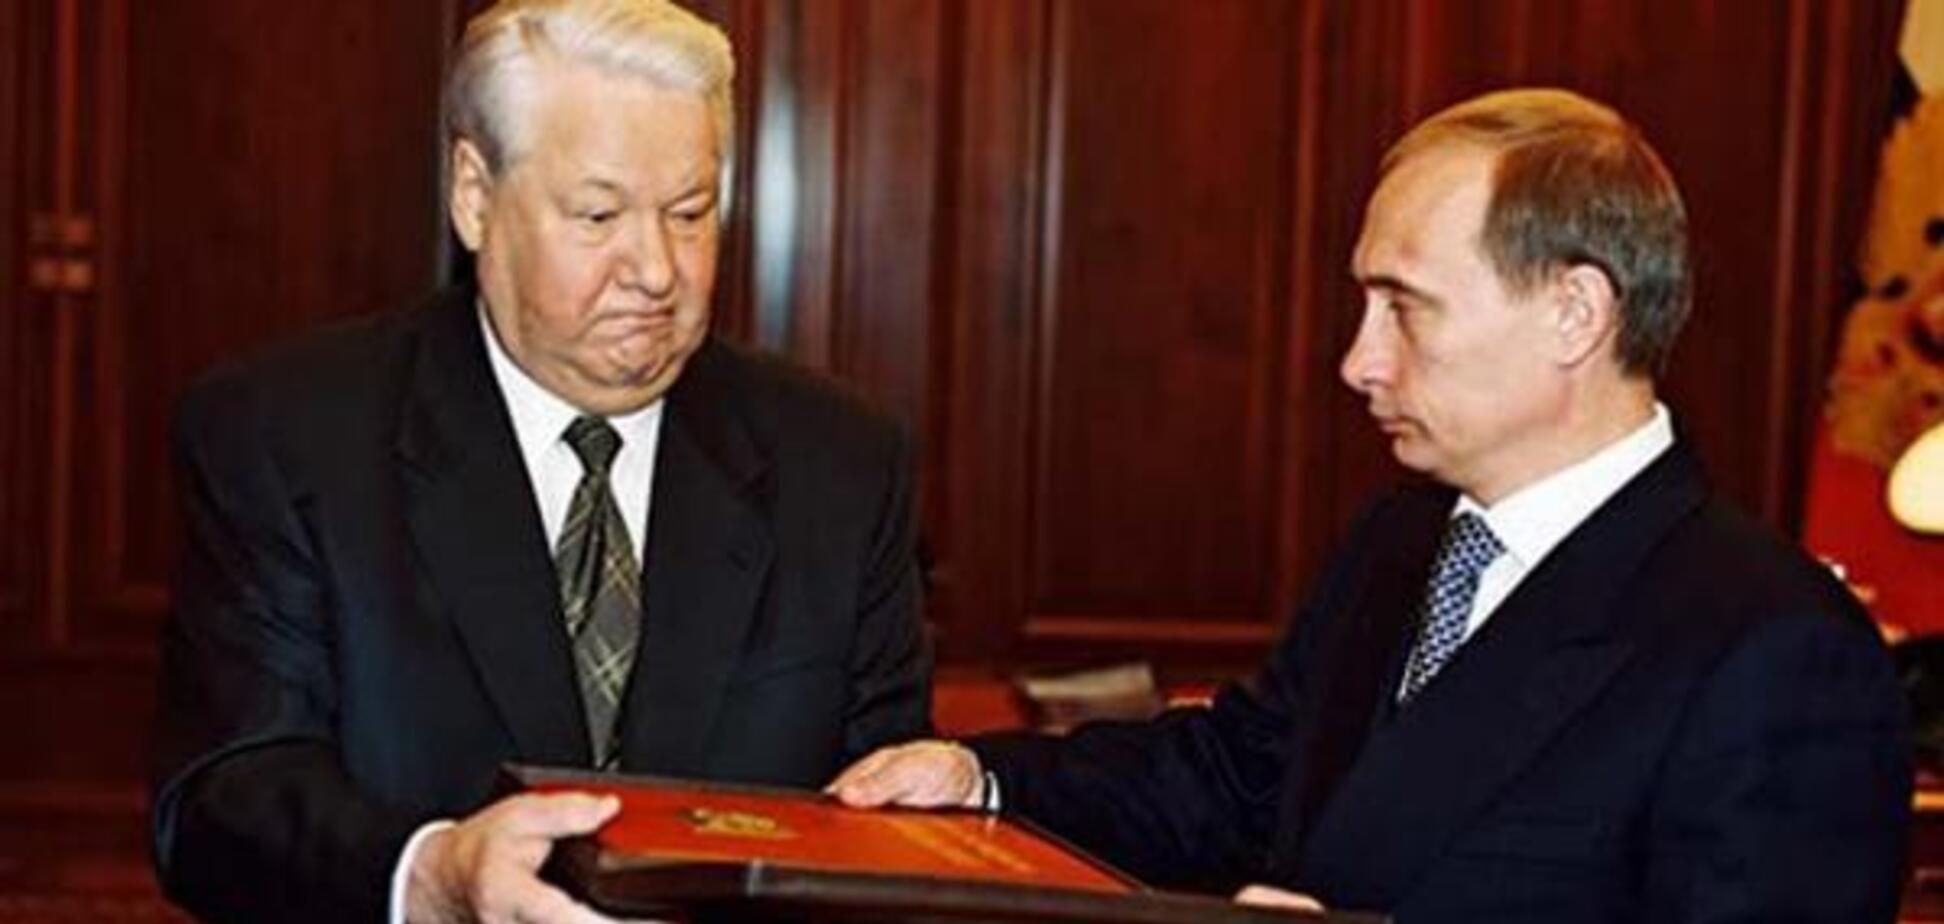 'Носив папірці': ексгенерал розповів сенсаційні дані про Путіна